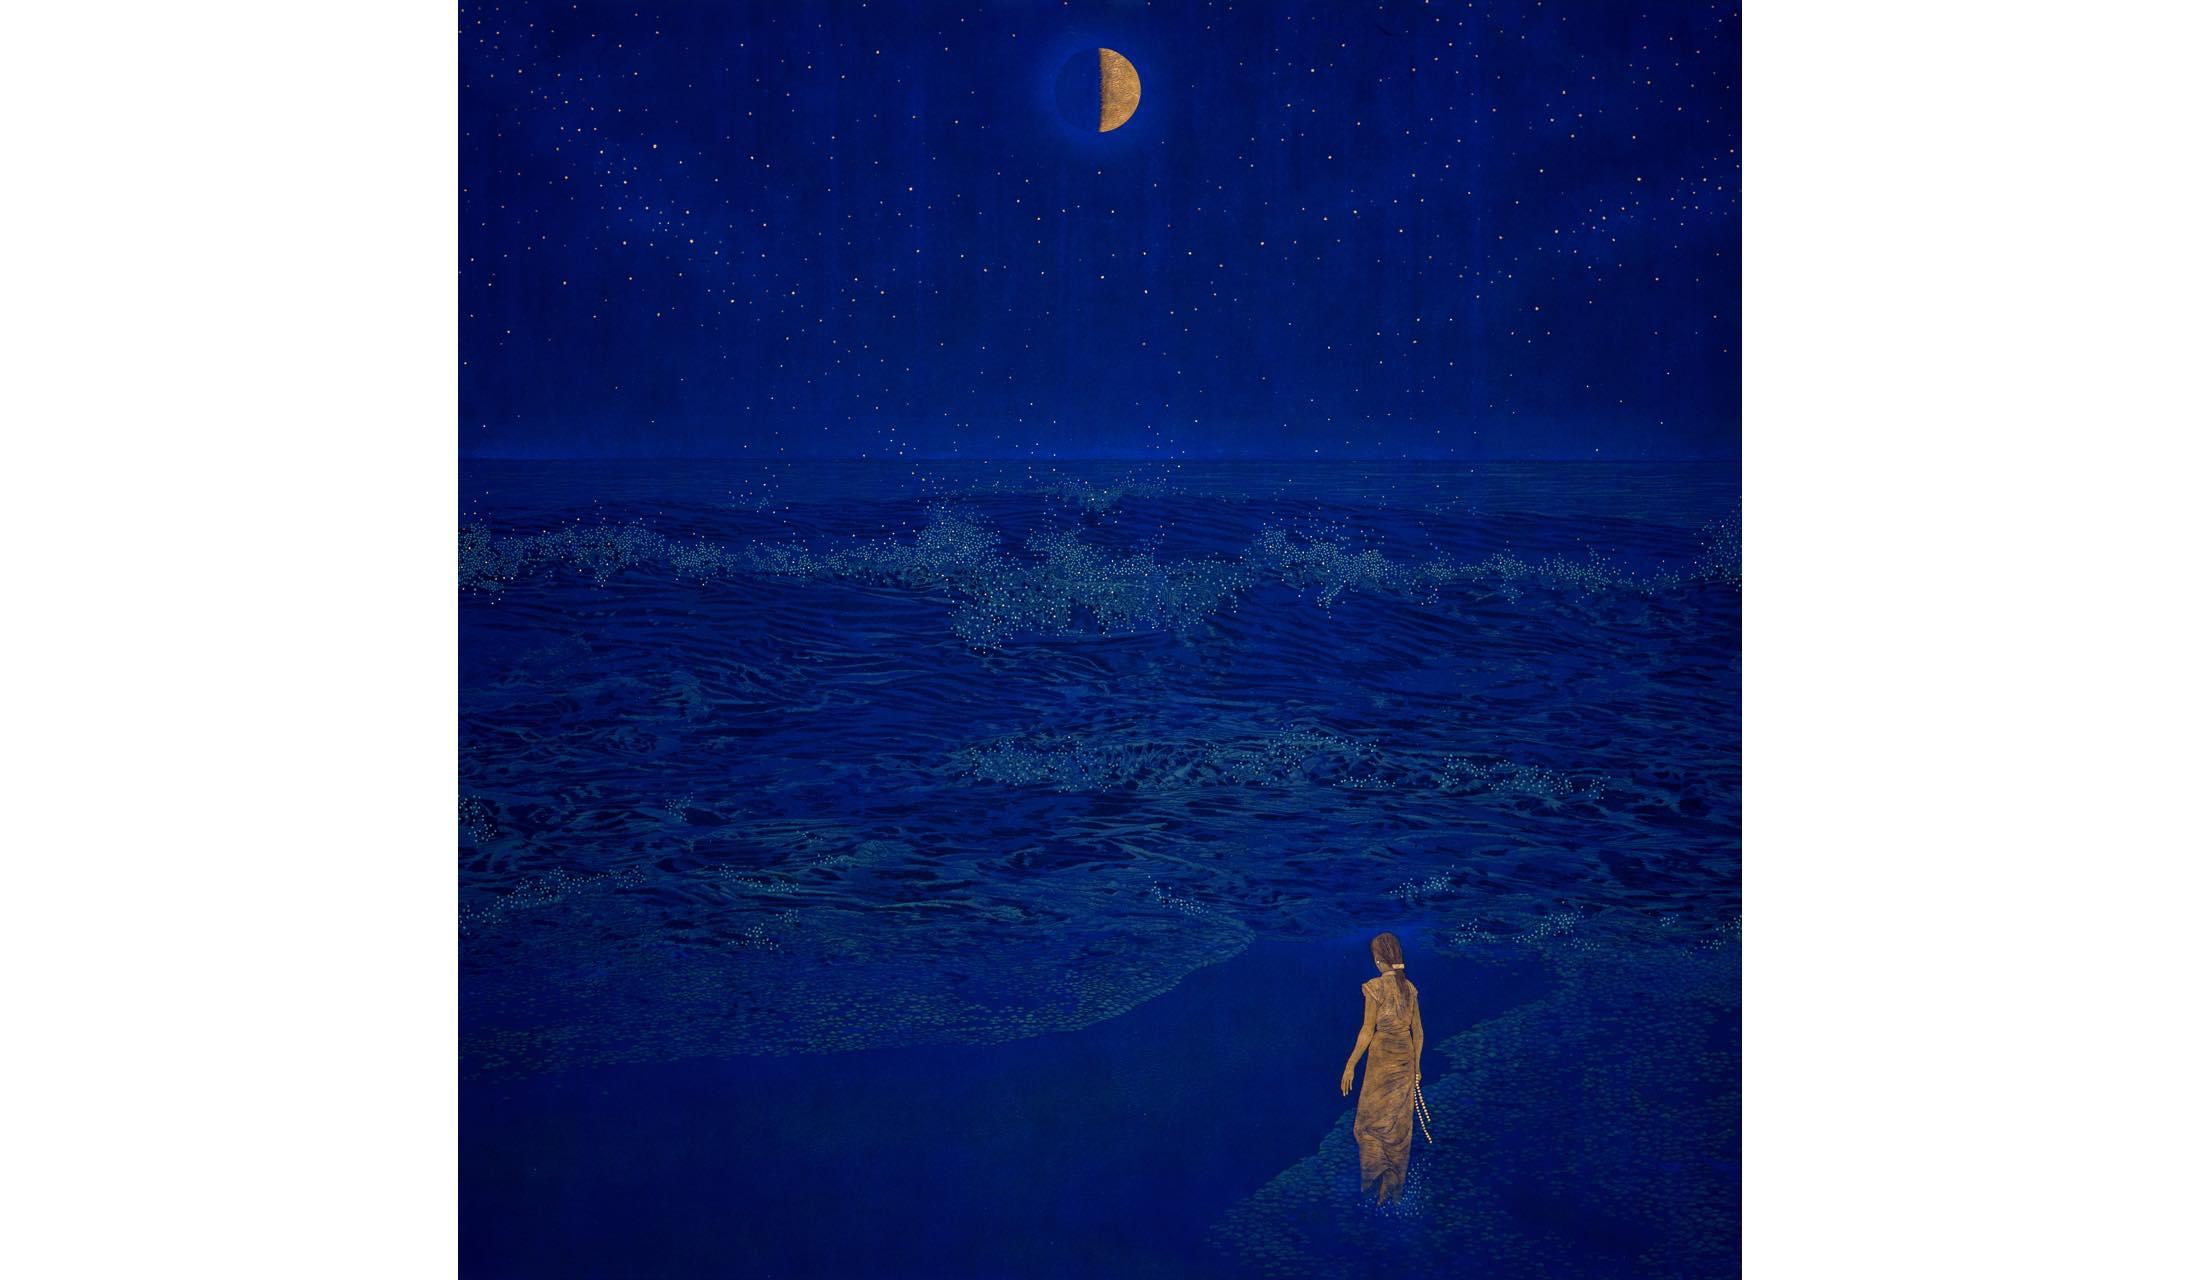 日本ん画家・福王寺一彦氏による「Starry in the moon」の作品